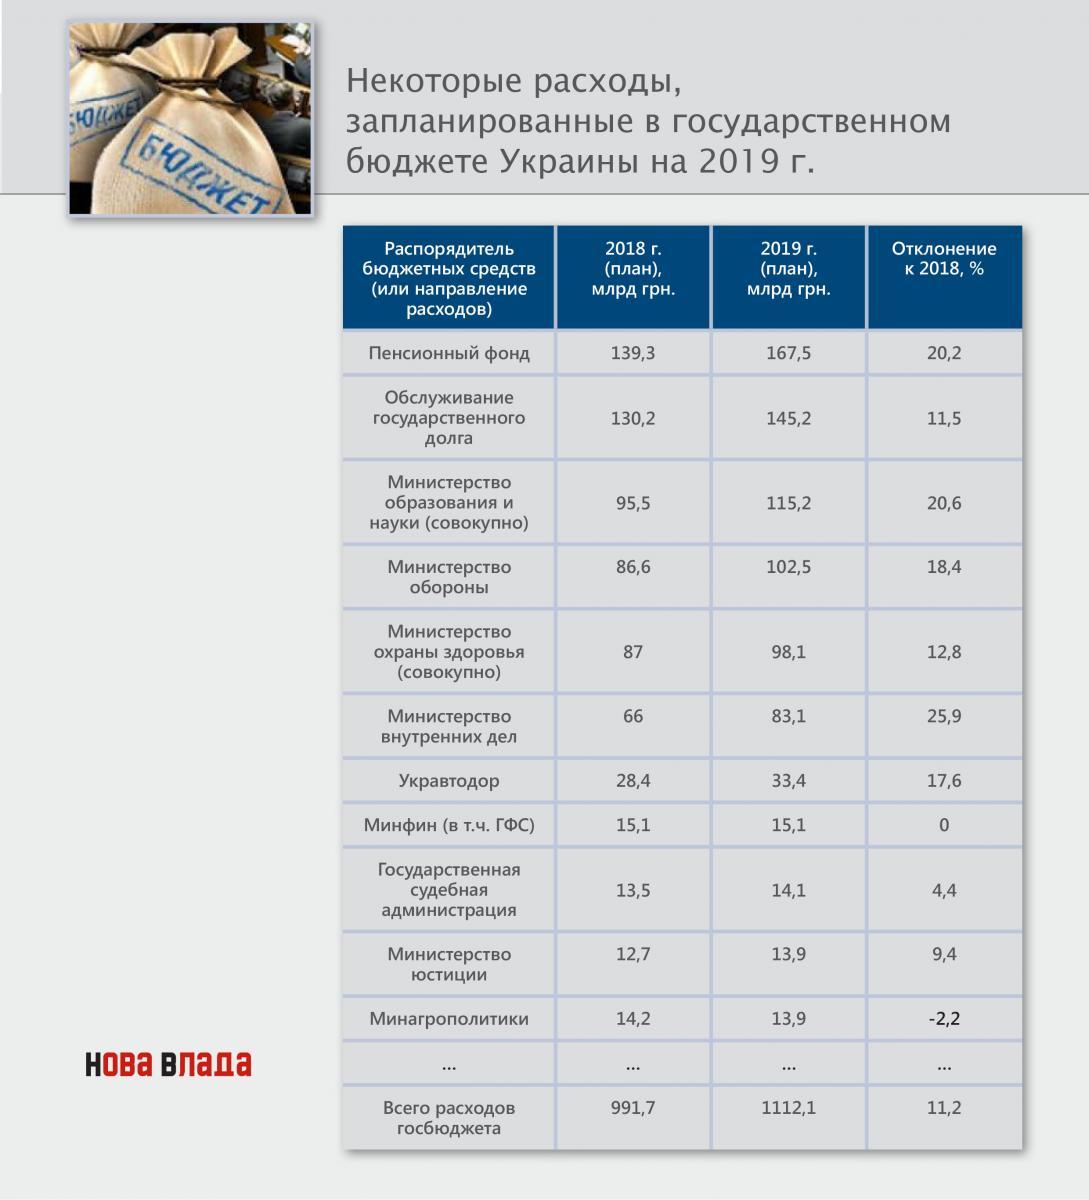 struktura_rashody_budget_2019.jpg